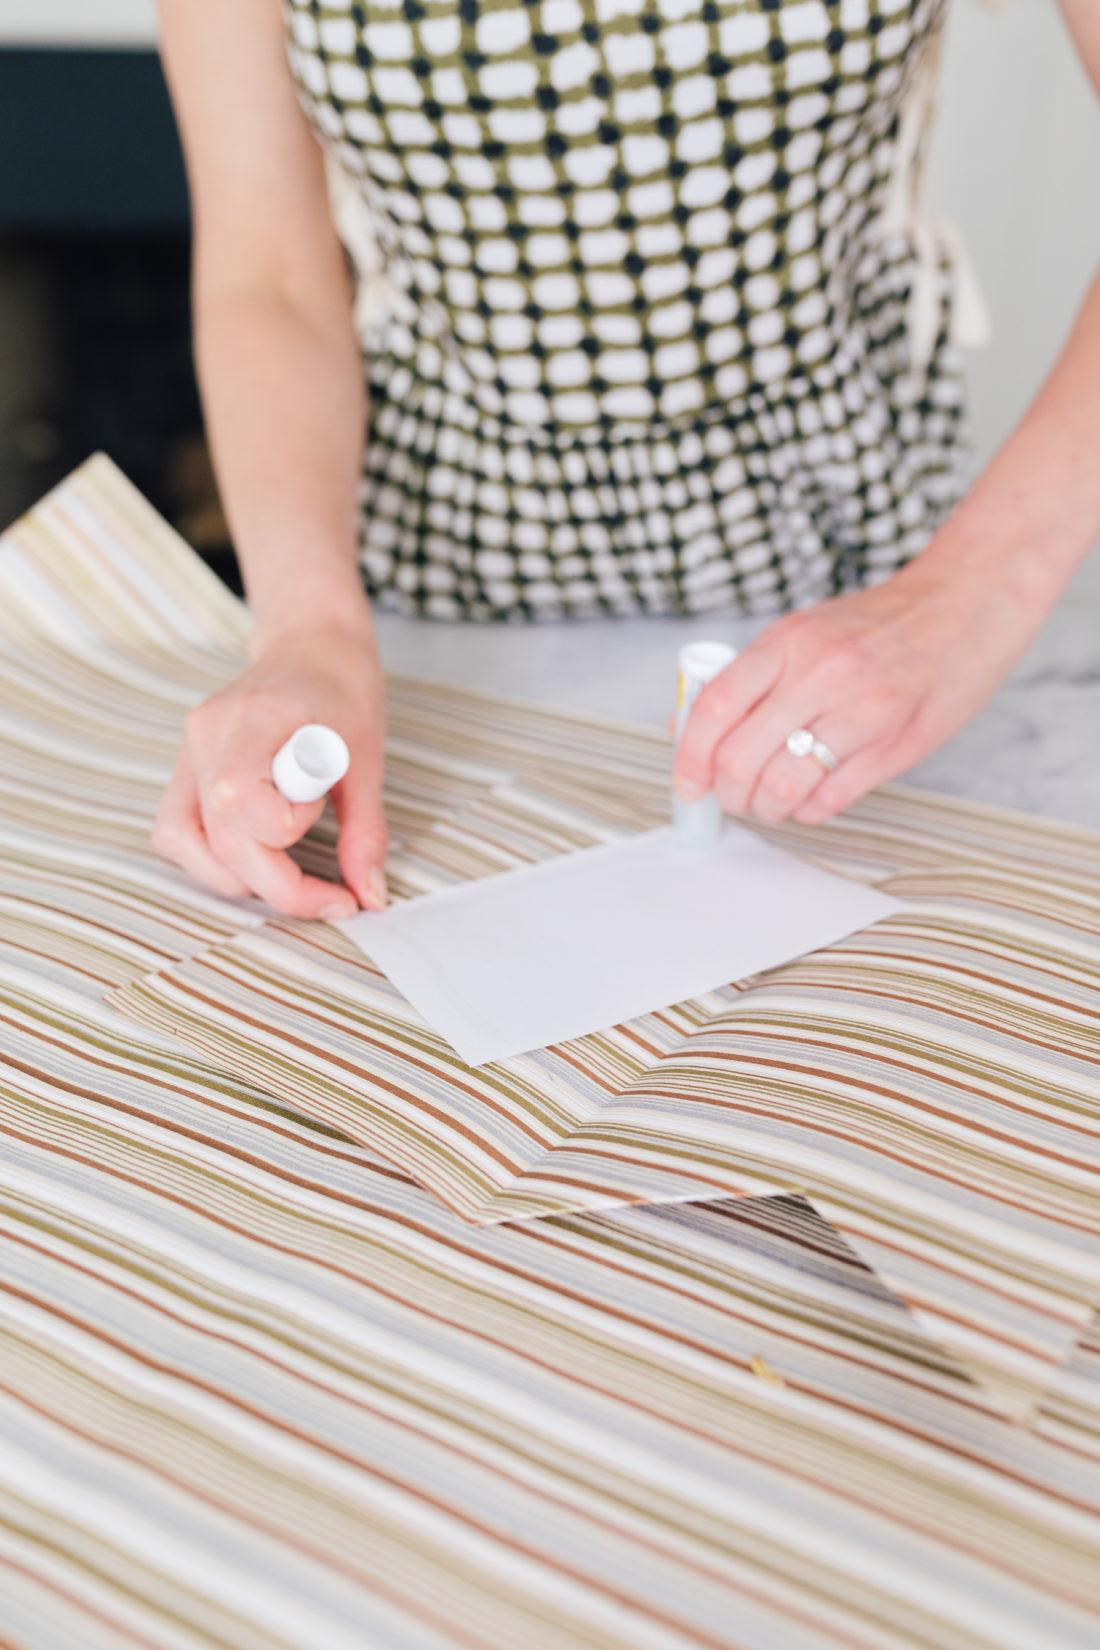 Eva Amurri Martino uses a glue stick to adhere her DIY shirt and tie card